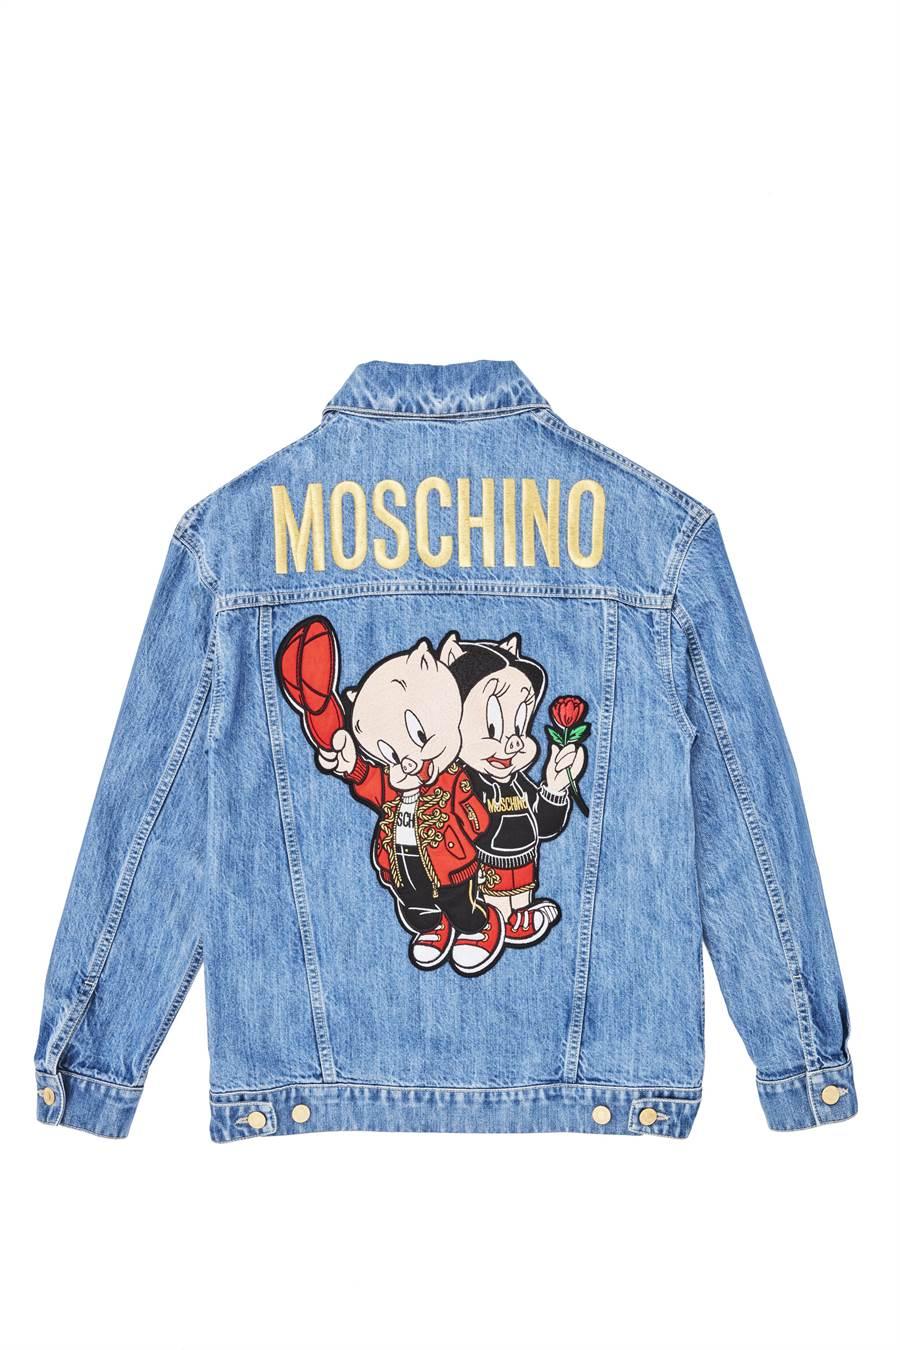 MOSCHINO豬小弟新年限定款丹寧外套,5萬5500元。(MOSCHINO提供)